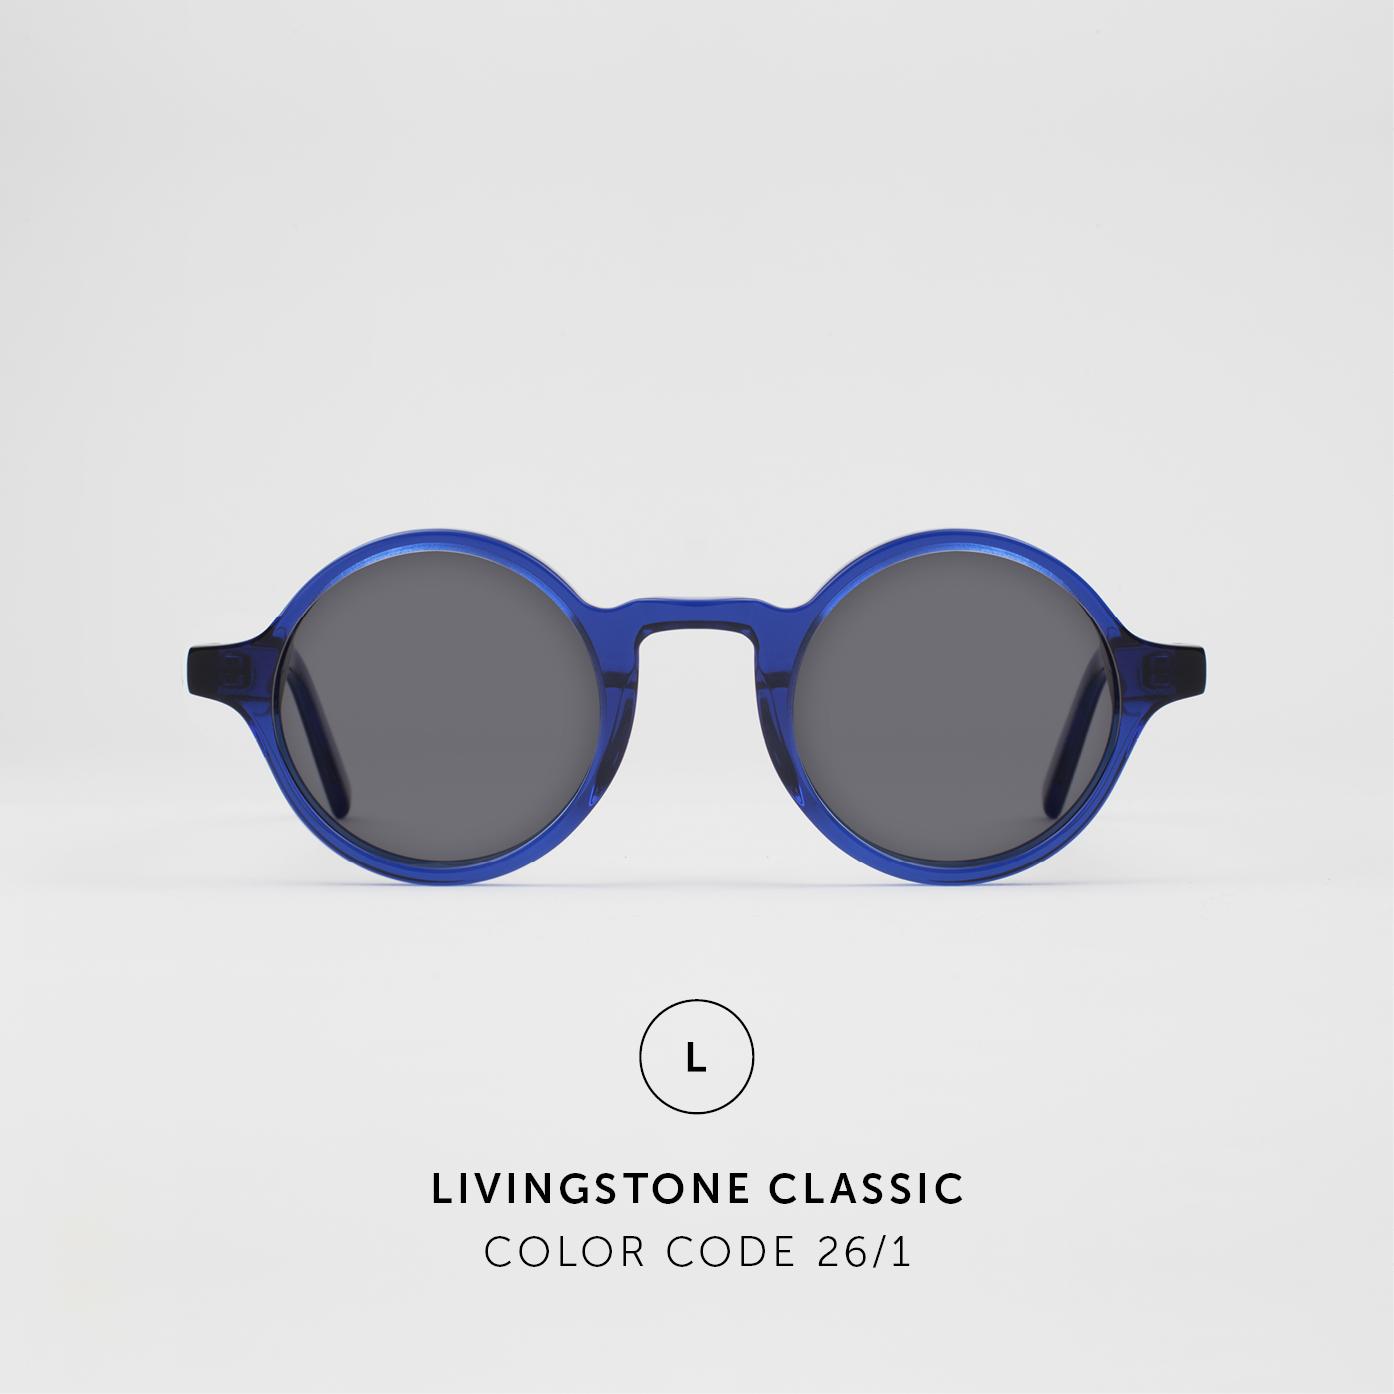 LivingstoneClassic61.jpg